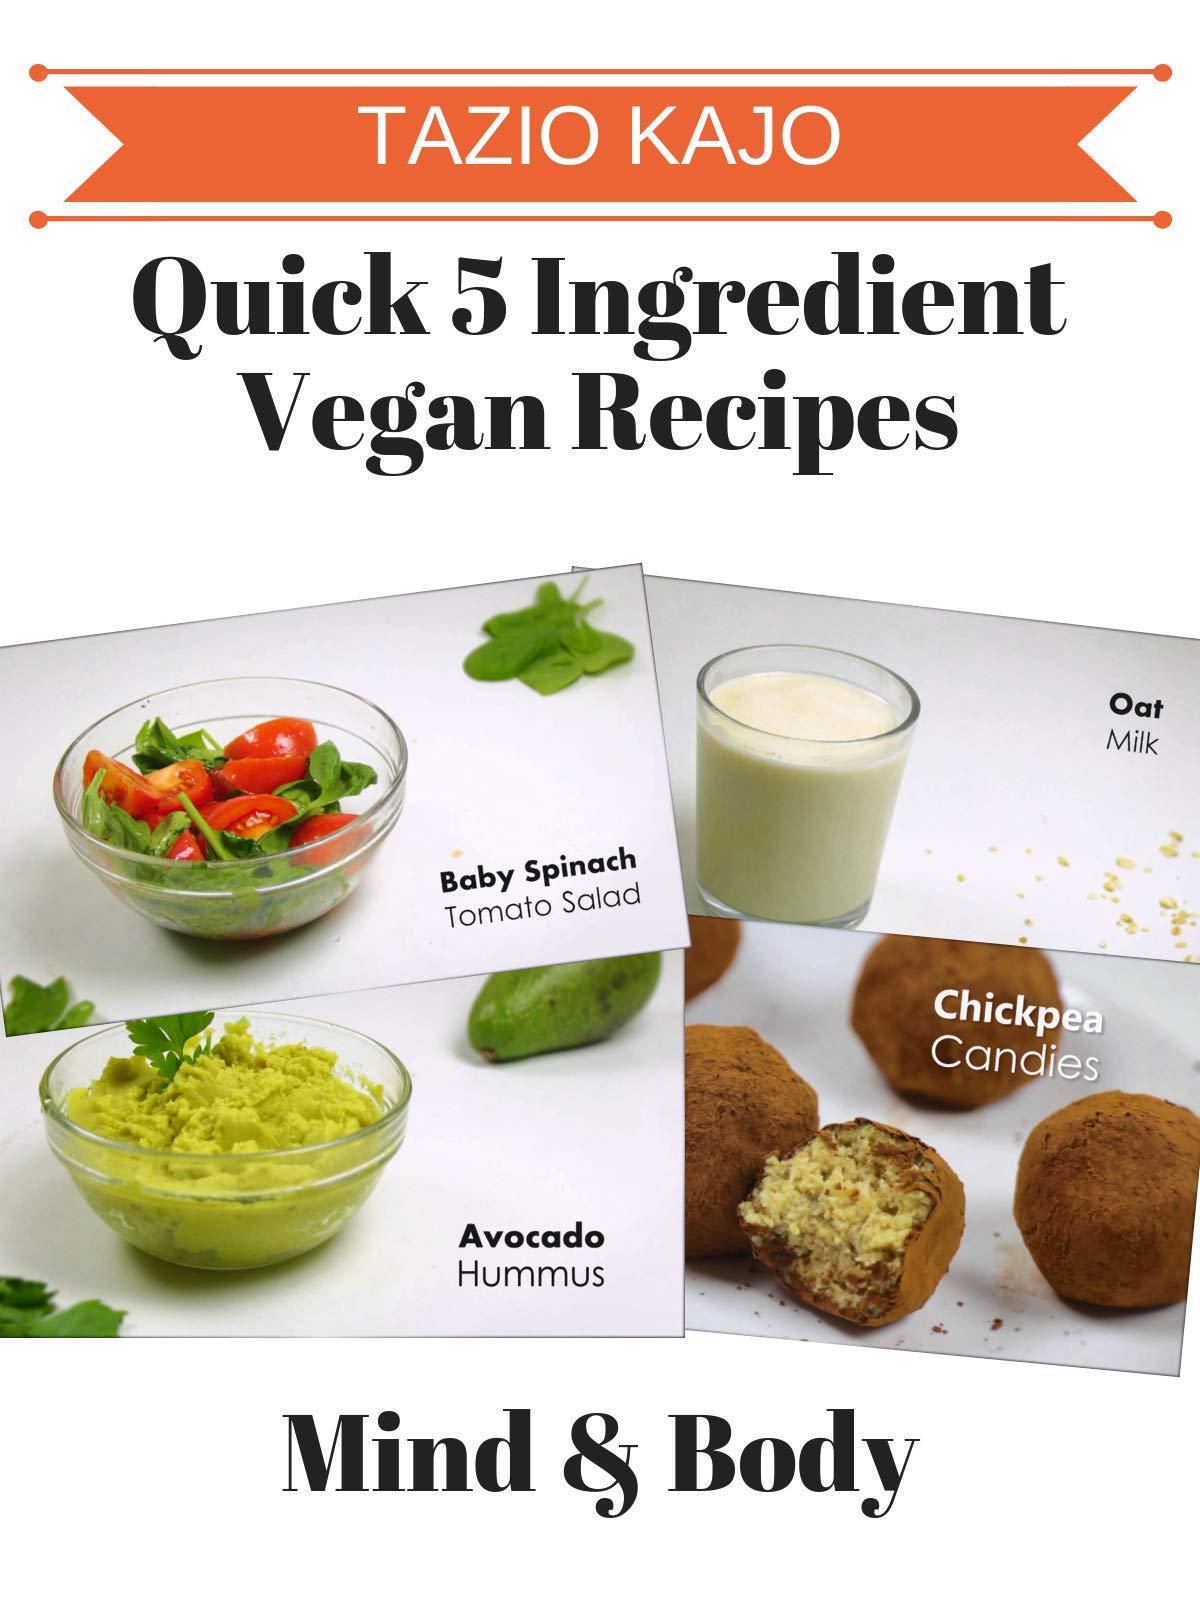 5 Ingredient Vegan Recipes